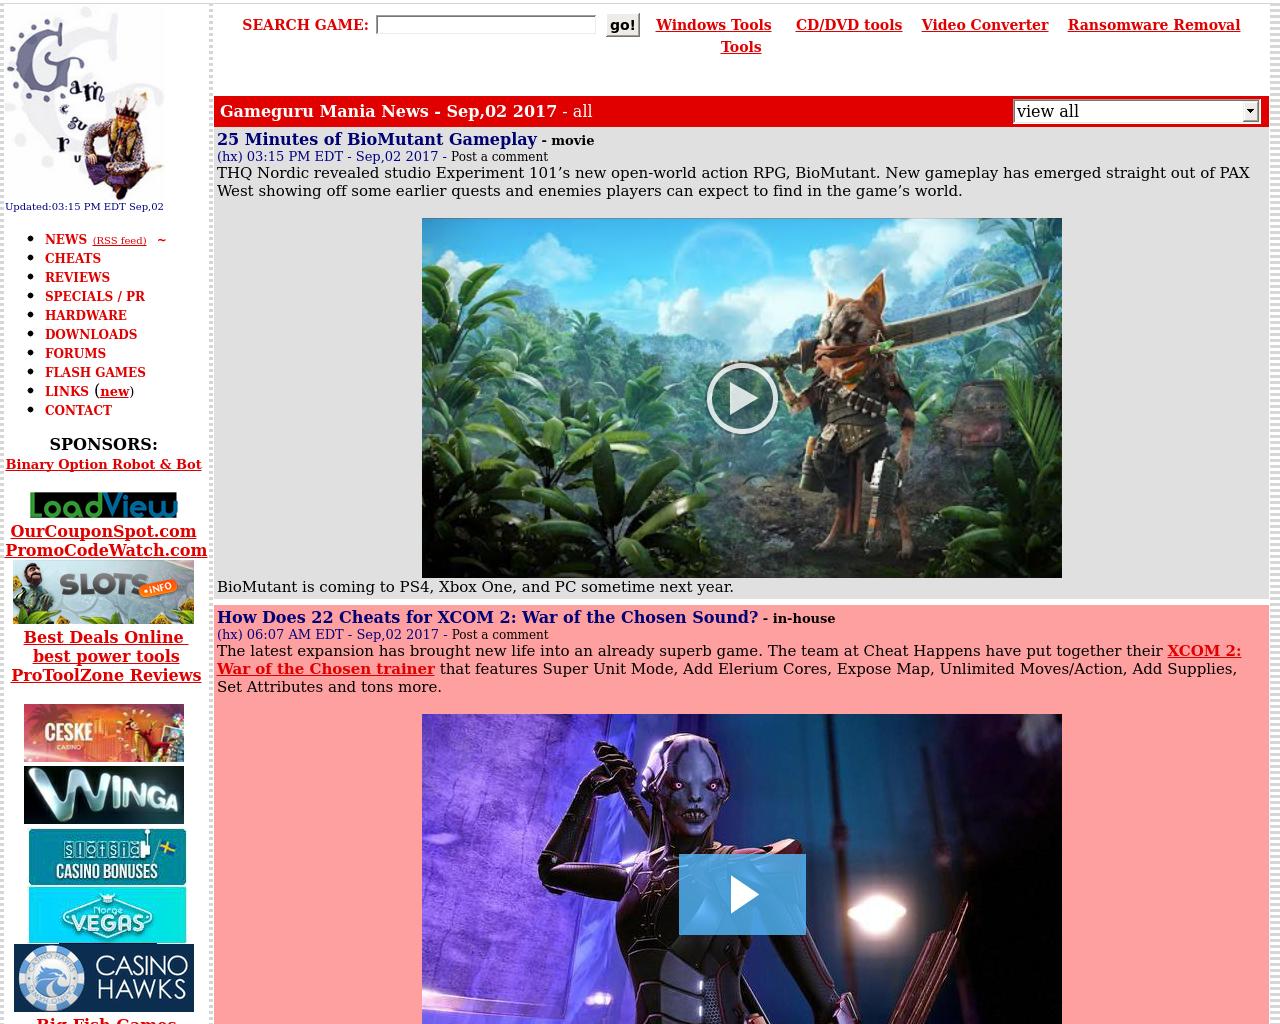 Gameguru-Mania-Advertising-Reviews-Pricing